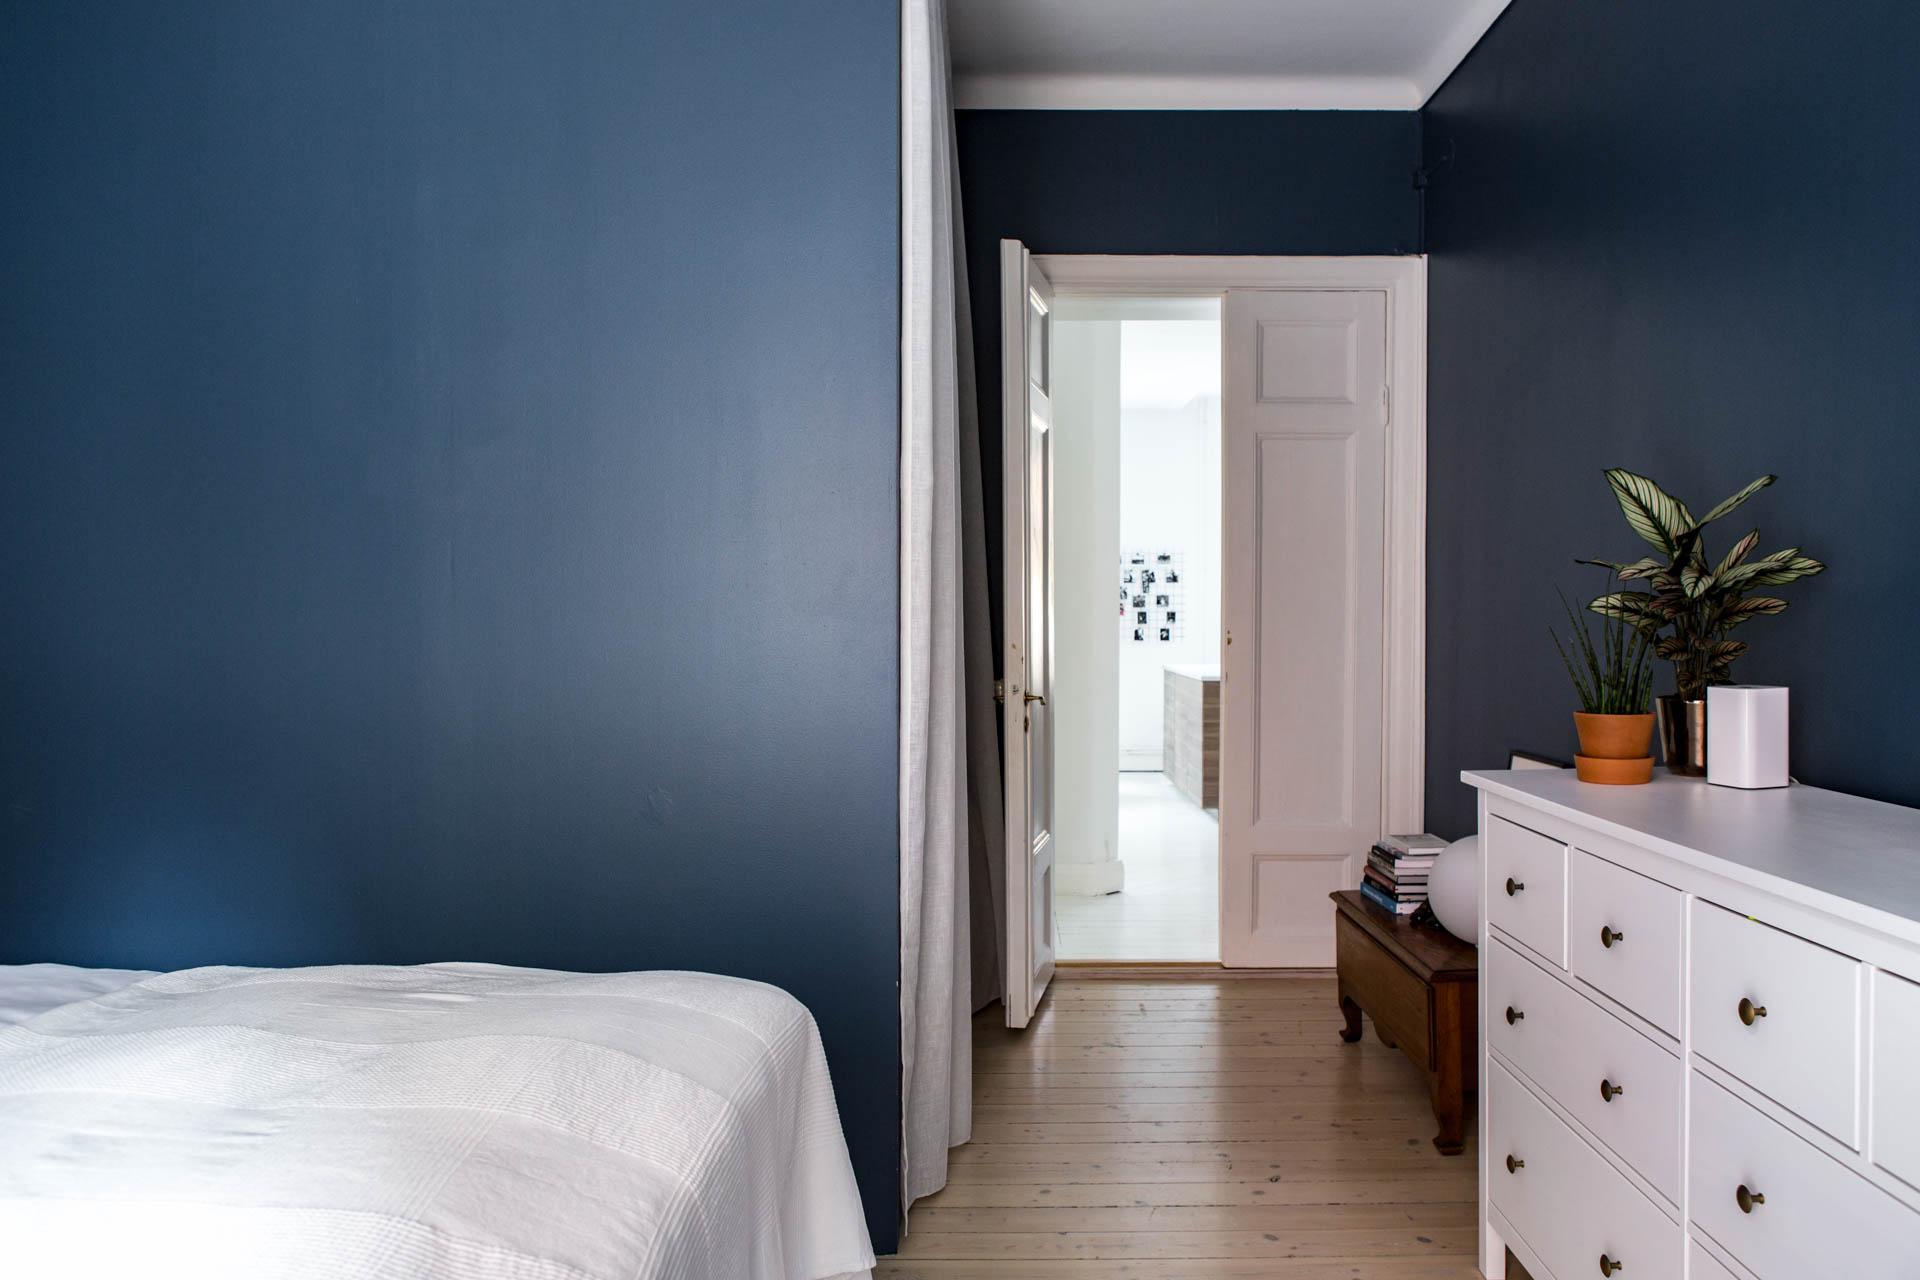 Meest recente leuke slaapkamer idee n inspirerende idee n ontwerp met foto 39 s en voorbeelden - Geschilderd slaapkamer model ...